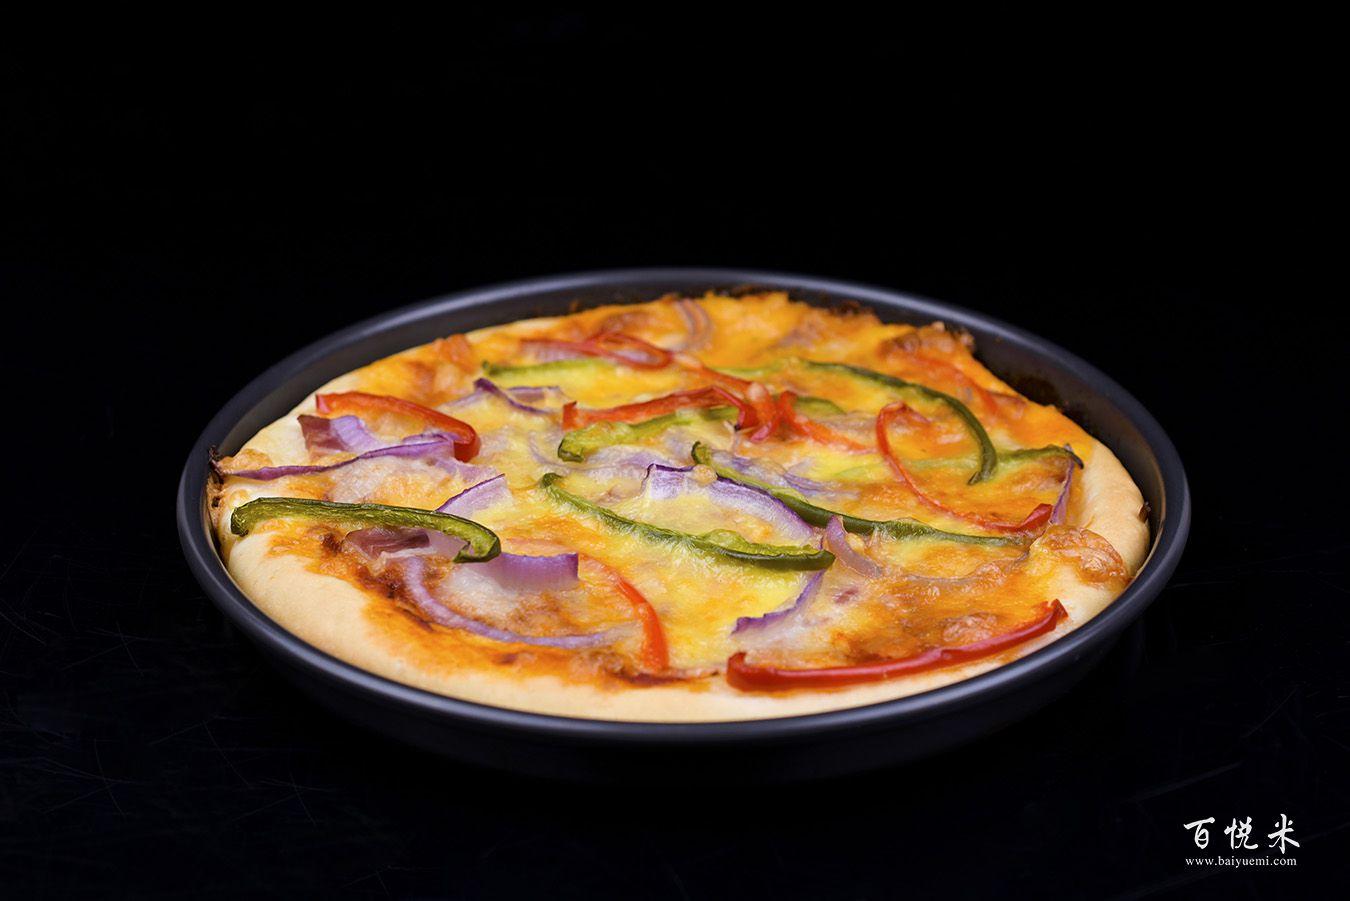 培根至尊披萨的做法视频大全_西点培训学习教程